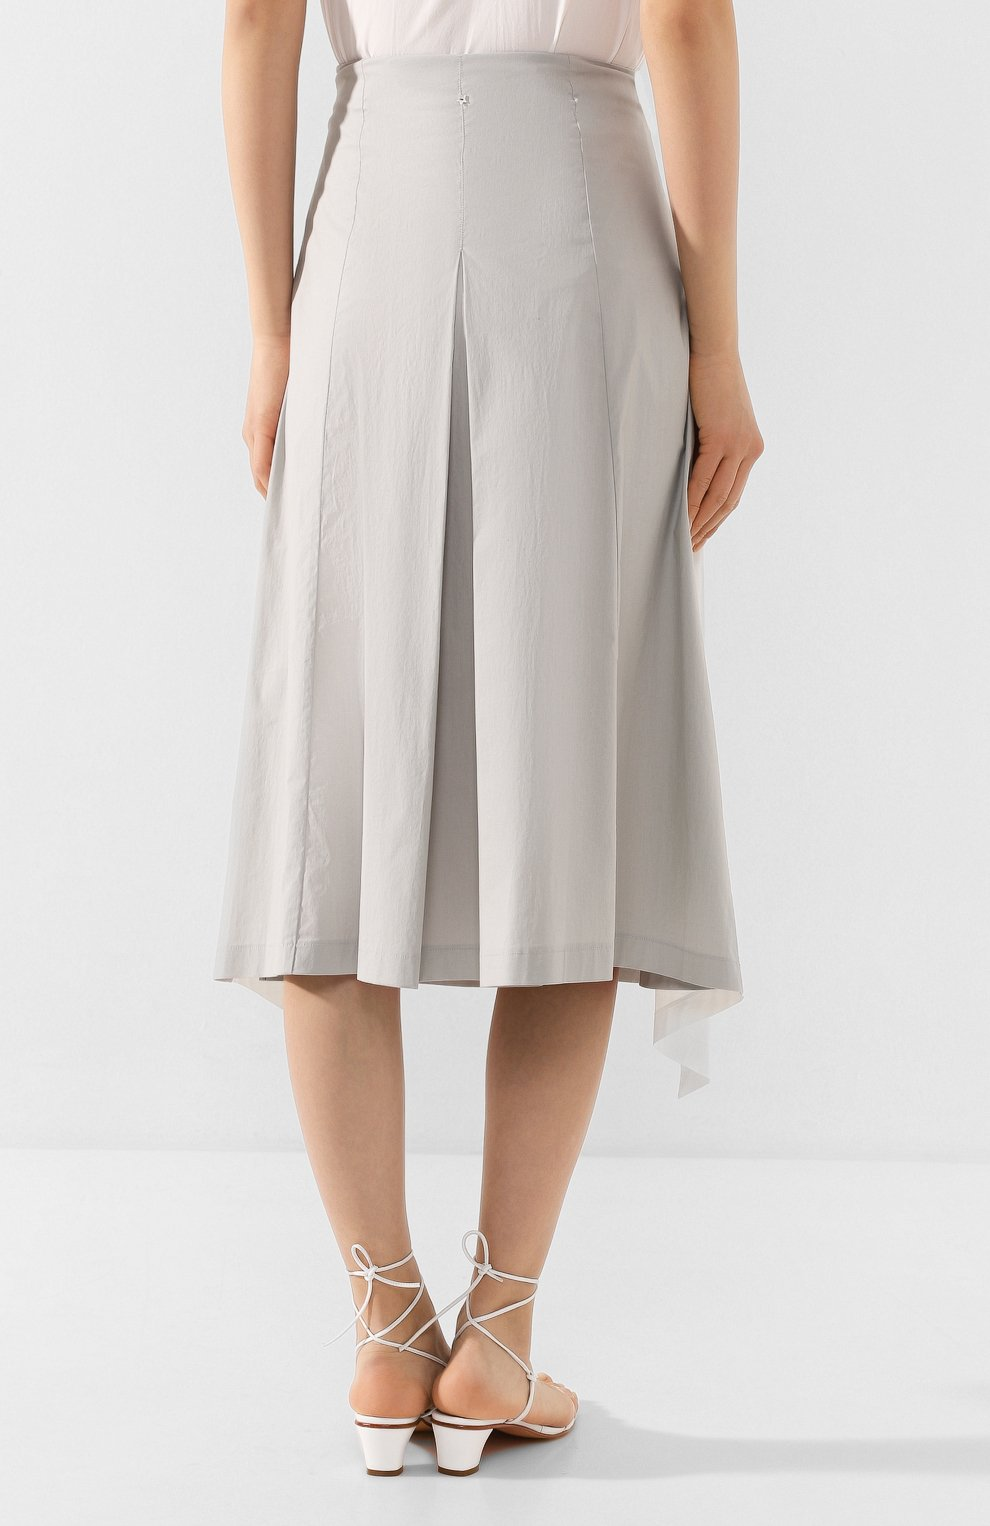 Женская хлопковая юбка LORENA ANTONIAZZI светло-серого цвета, арт. E2005G0016/3193 | Фото 4 (Женское Кросс-КТ: Юбка-одежда; Материал внешний: Хлопок; Длина Ж (юбки, платья, шорты): Миди)